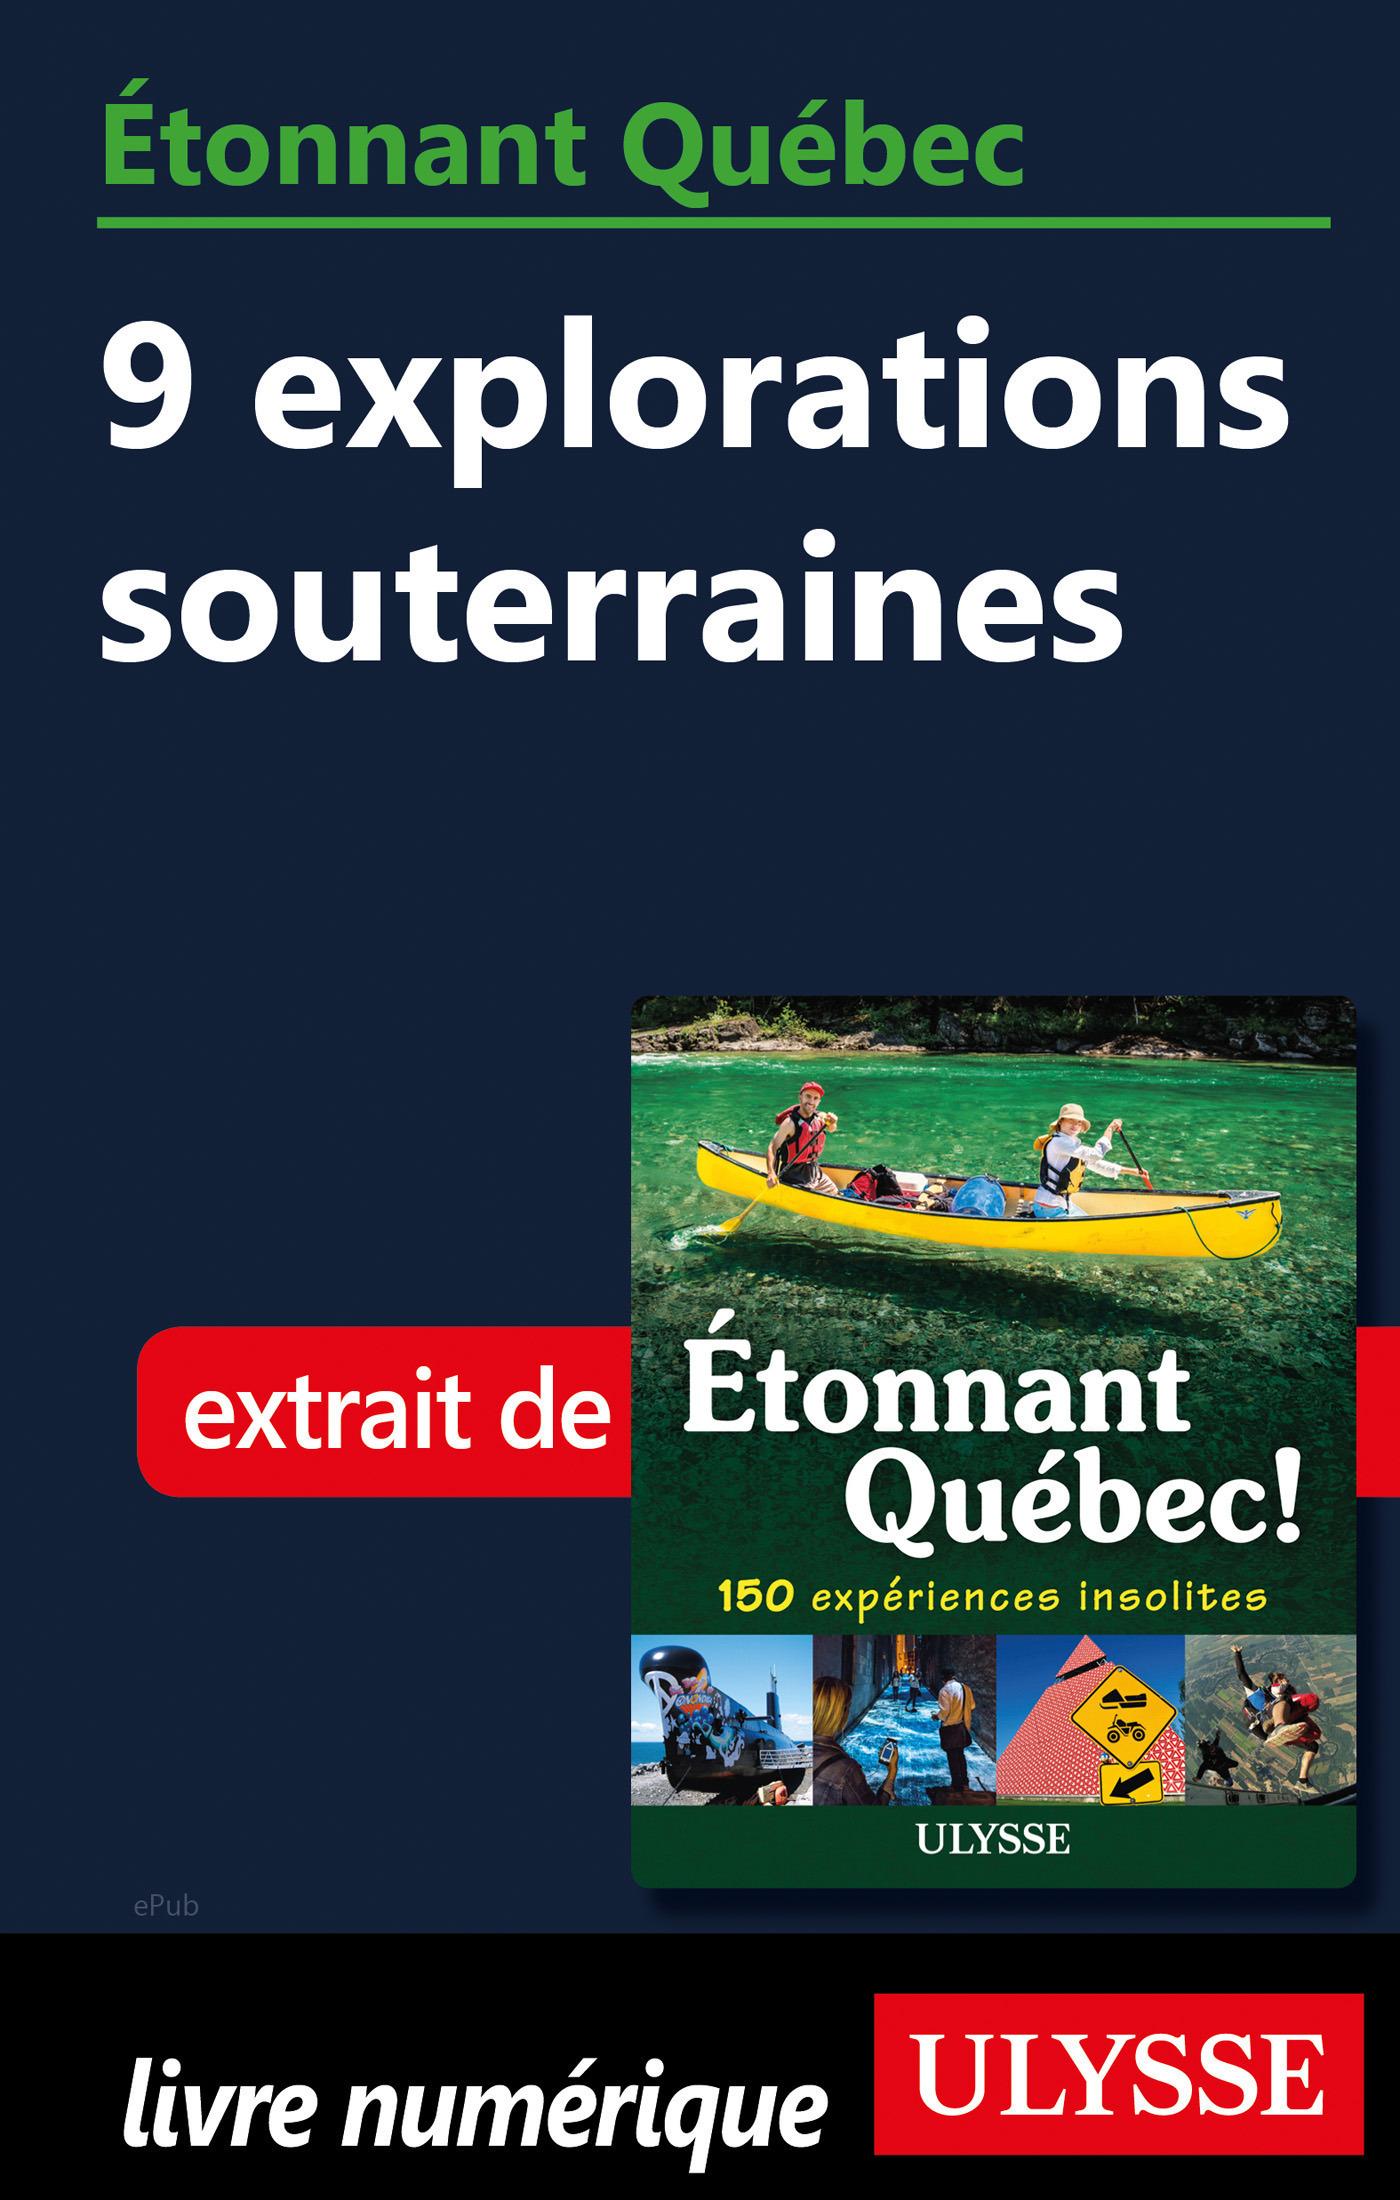 Etonnant Québec - 9 explorations souterraines